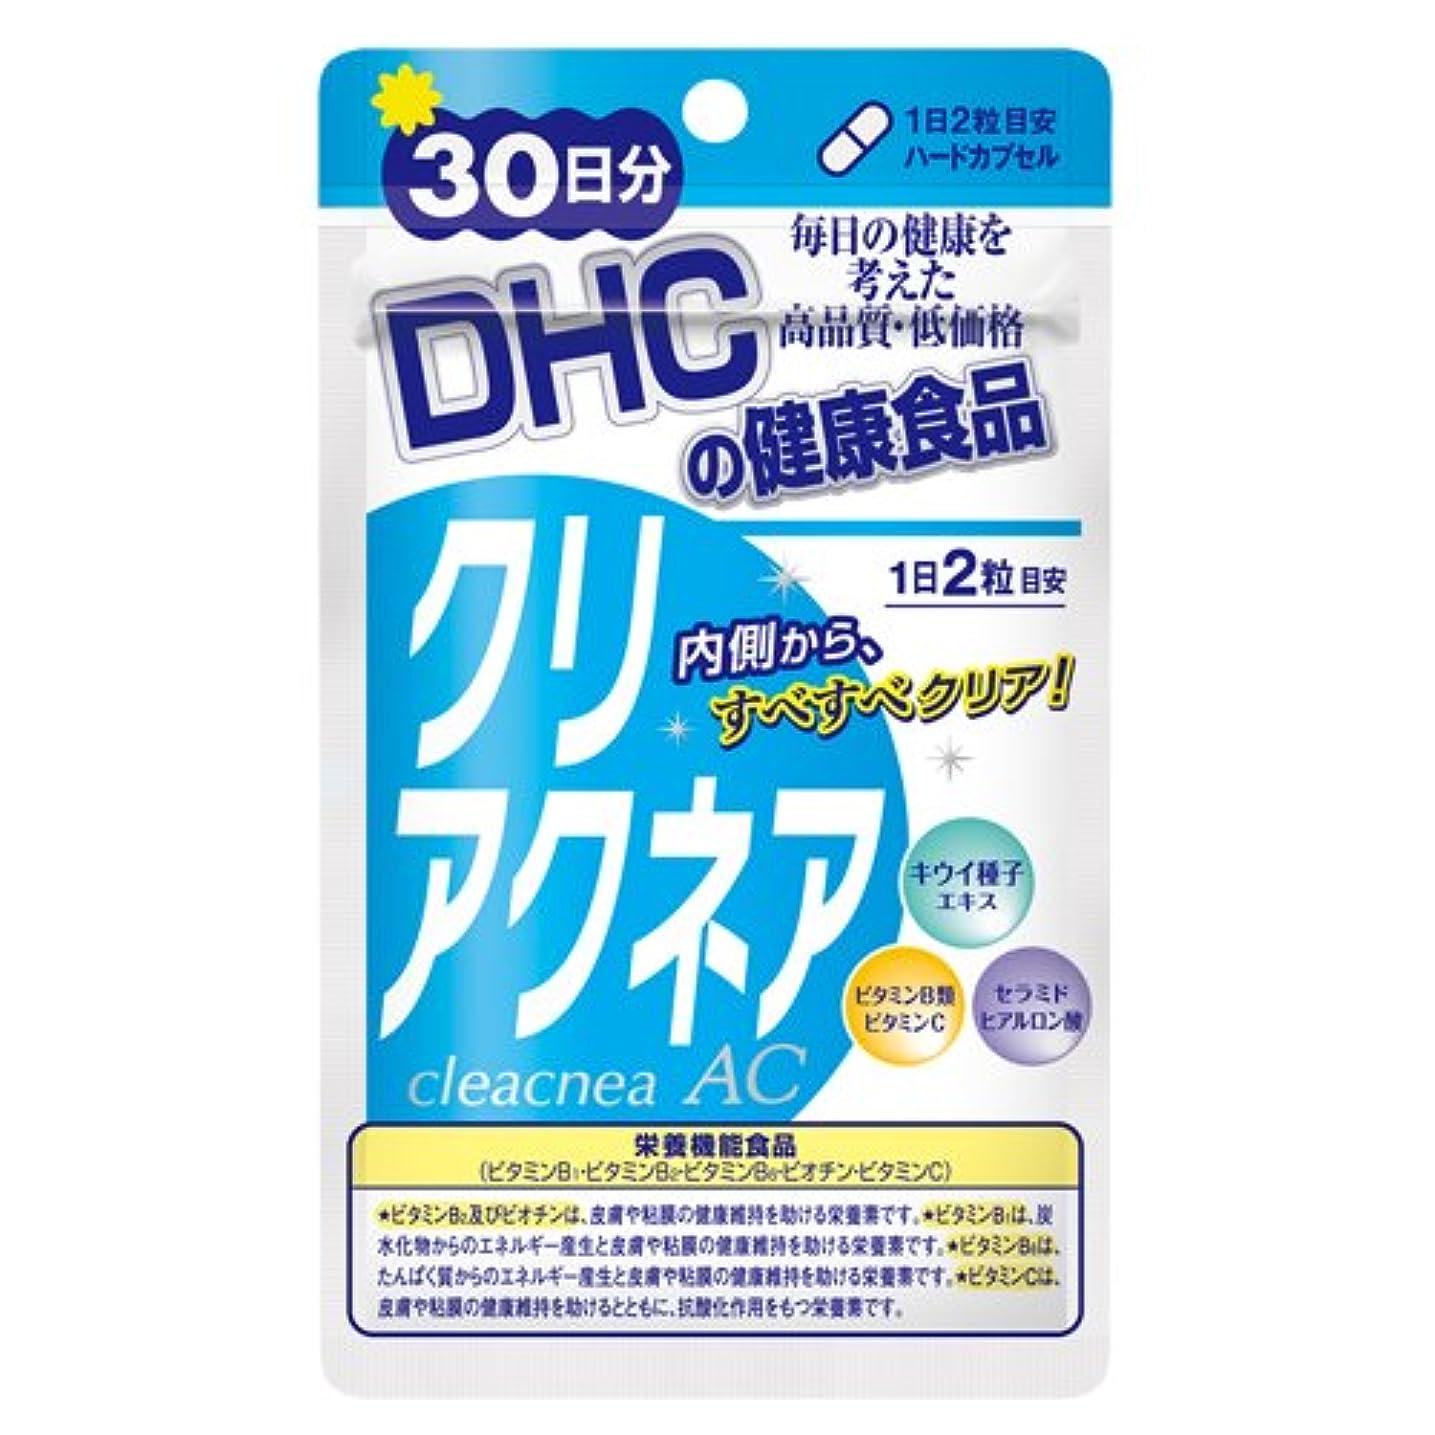 好奇心アプトオートクリアクネア 30日分【栄養機能食品(ビタミンB1?ビタミンB2?ビタミンB6?ビオチン?ビタミンC)】